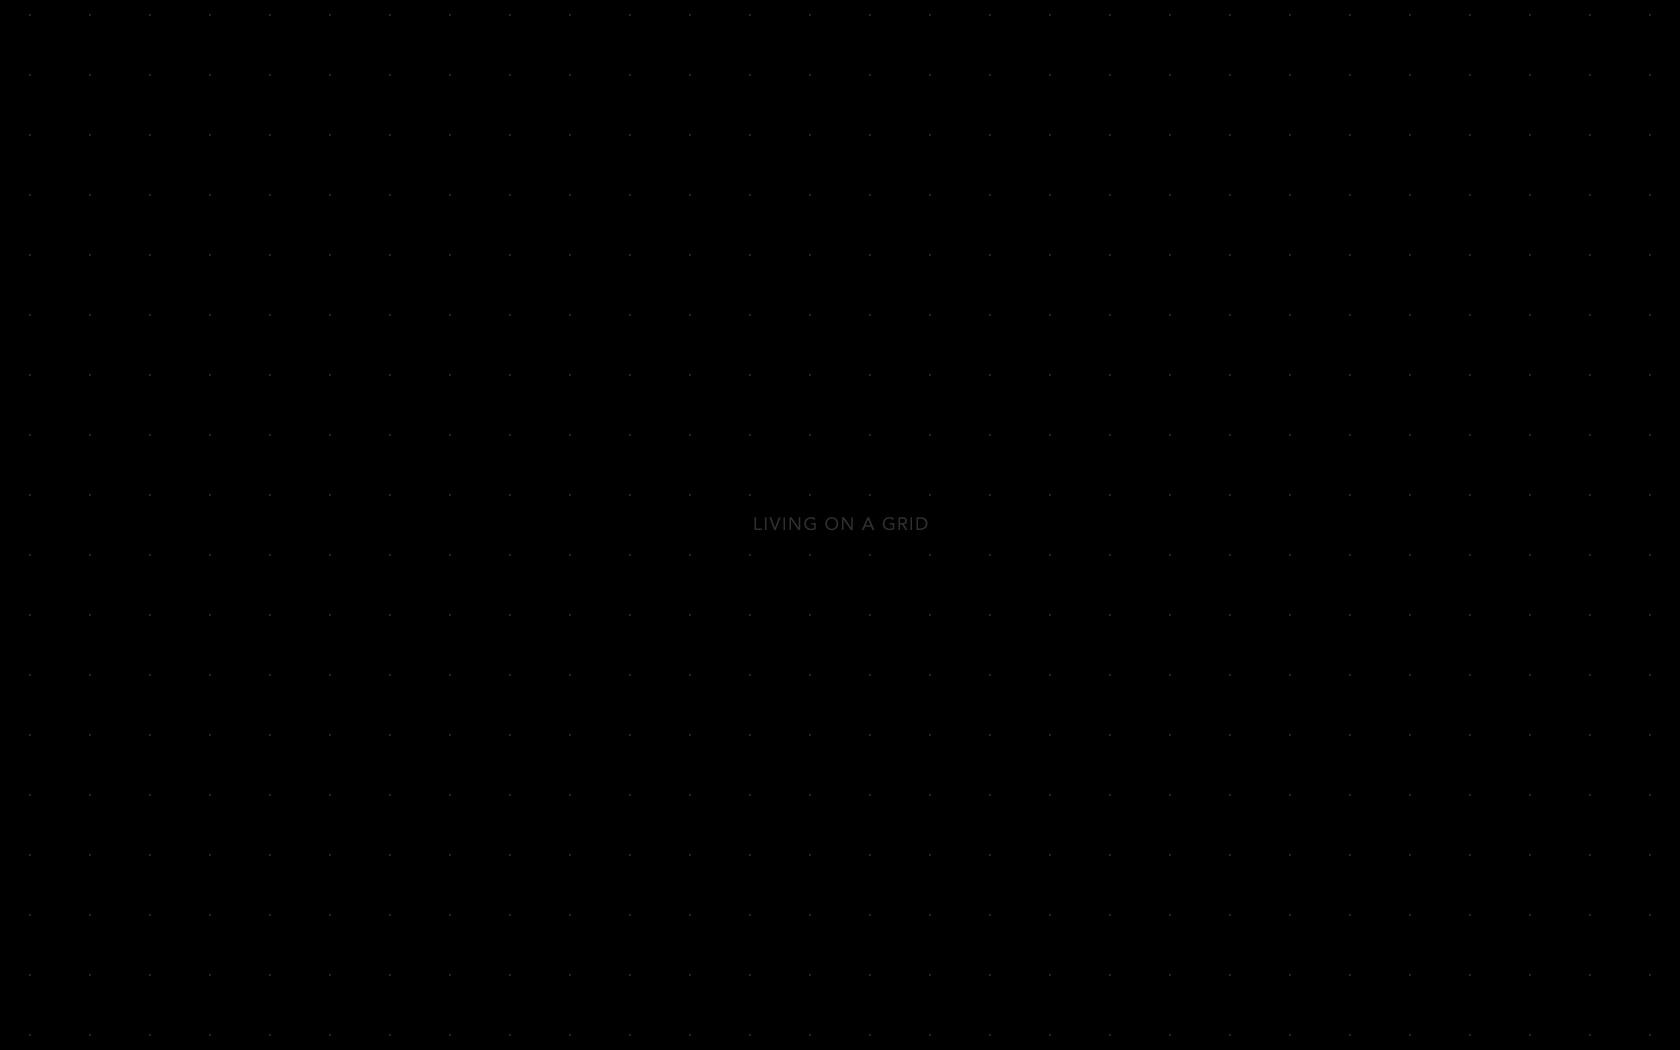 dark wallpaper for desktop wallpapersafari